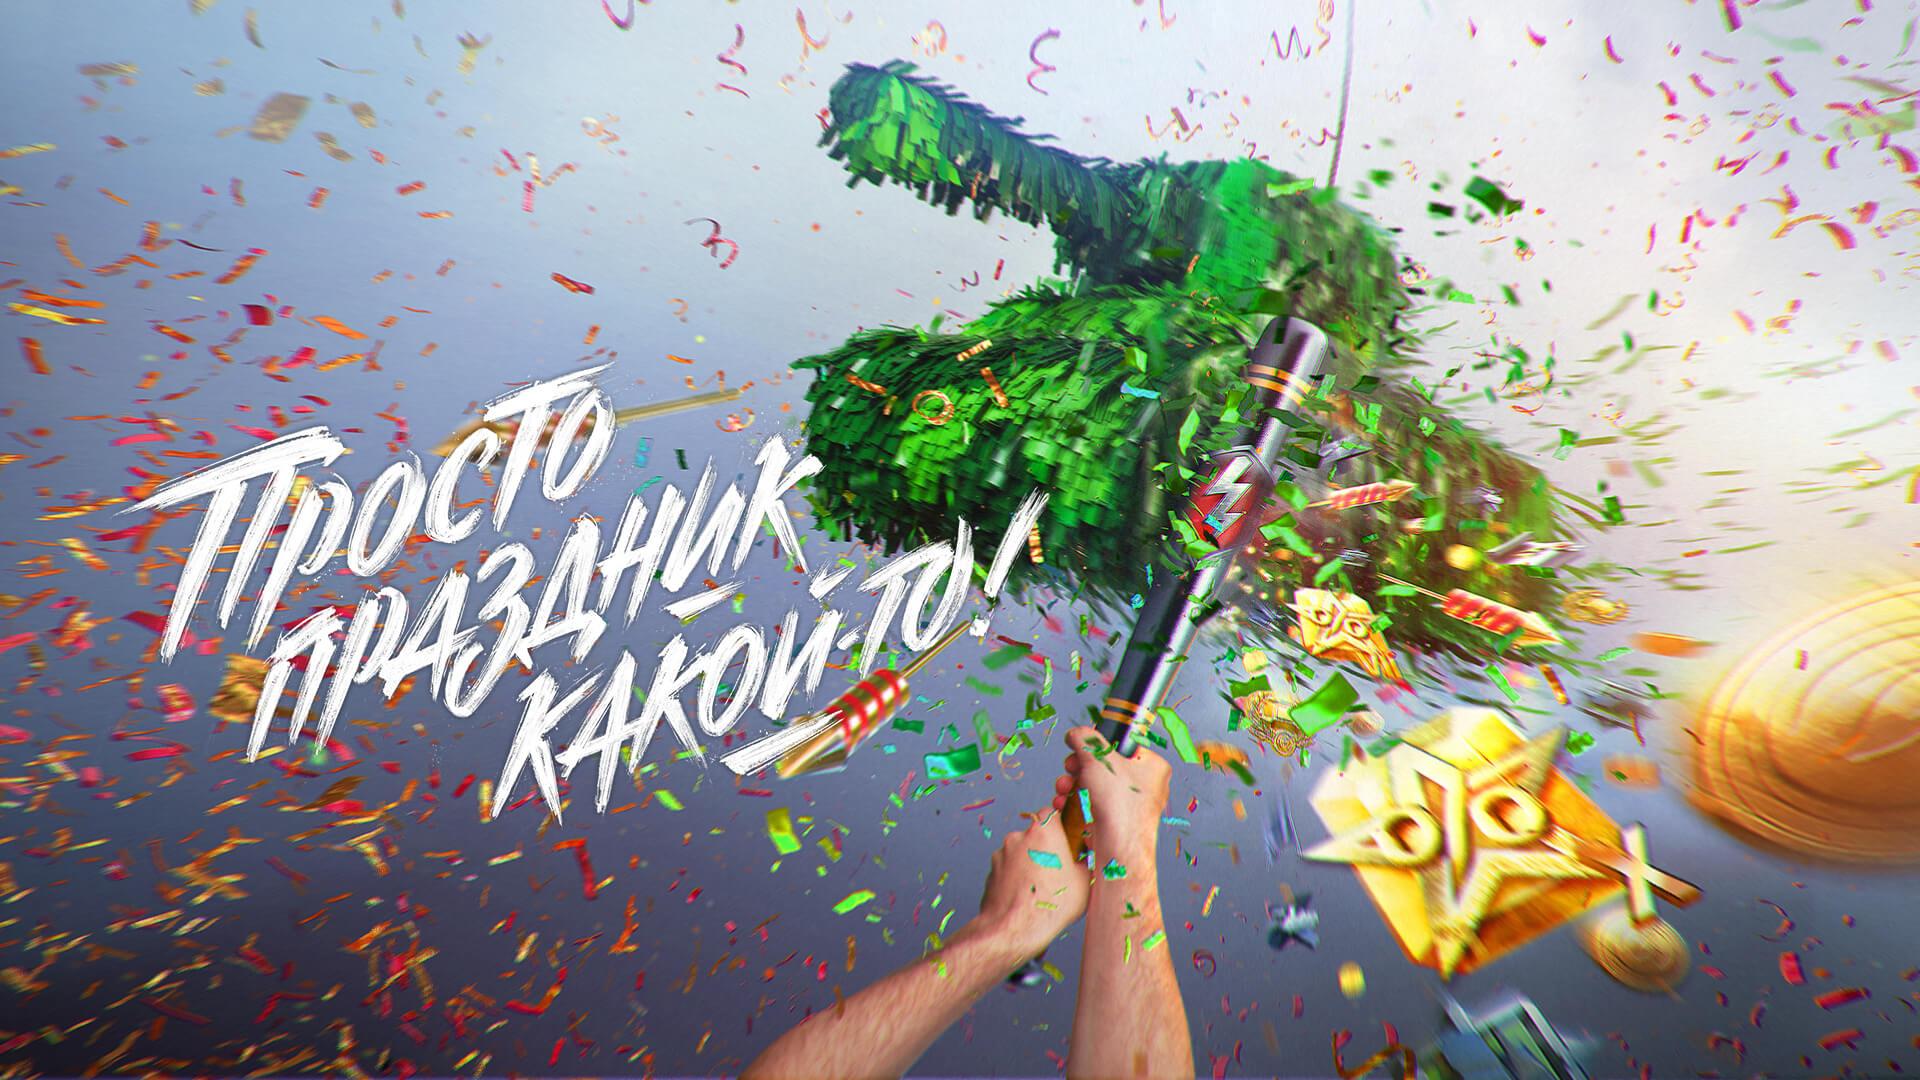 Какой сегодня праздник в России 1 декабря 2018